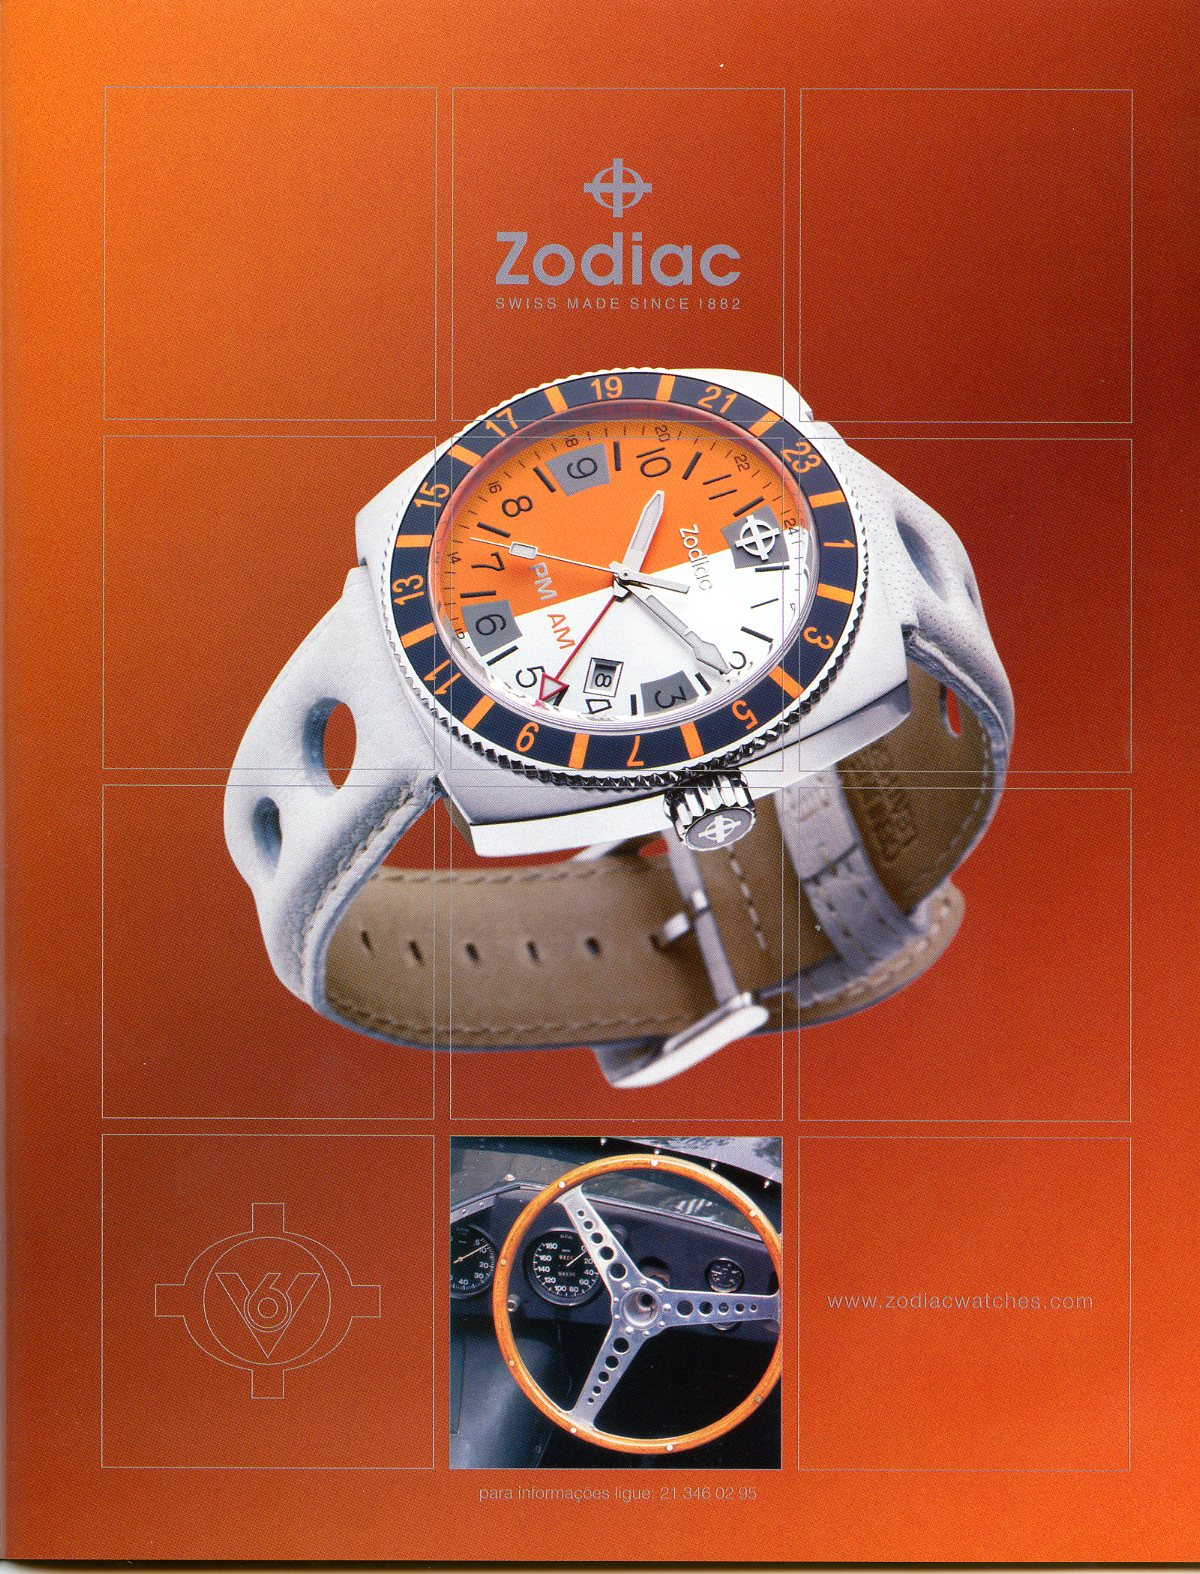 ac41a86a512 Estação Cronográfica  Há 10 anos... publicidade Zodiac